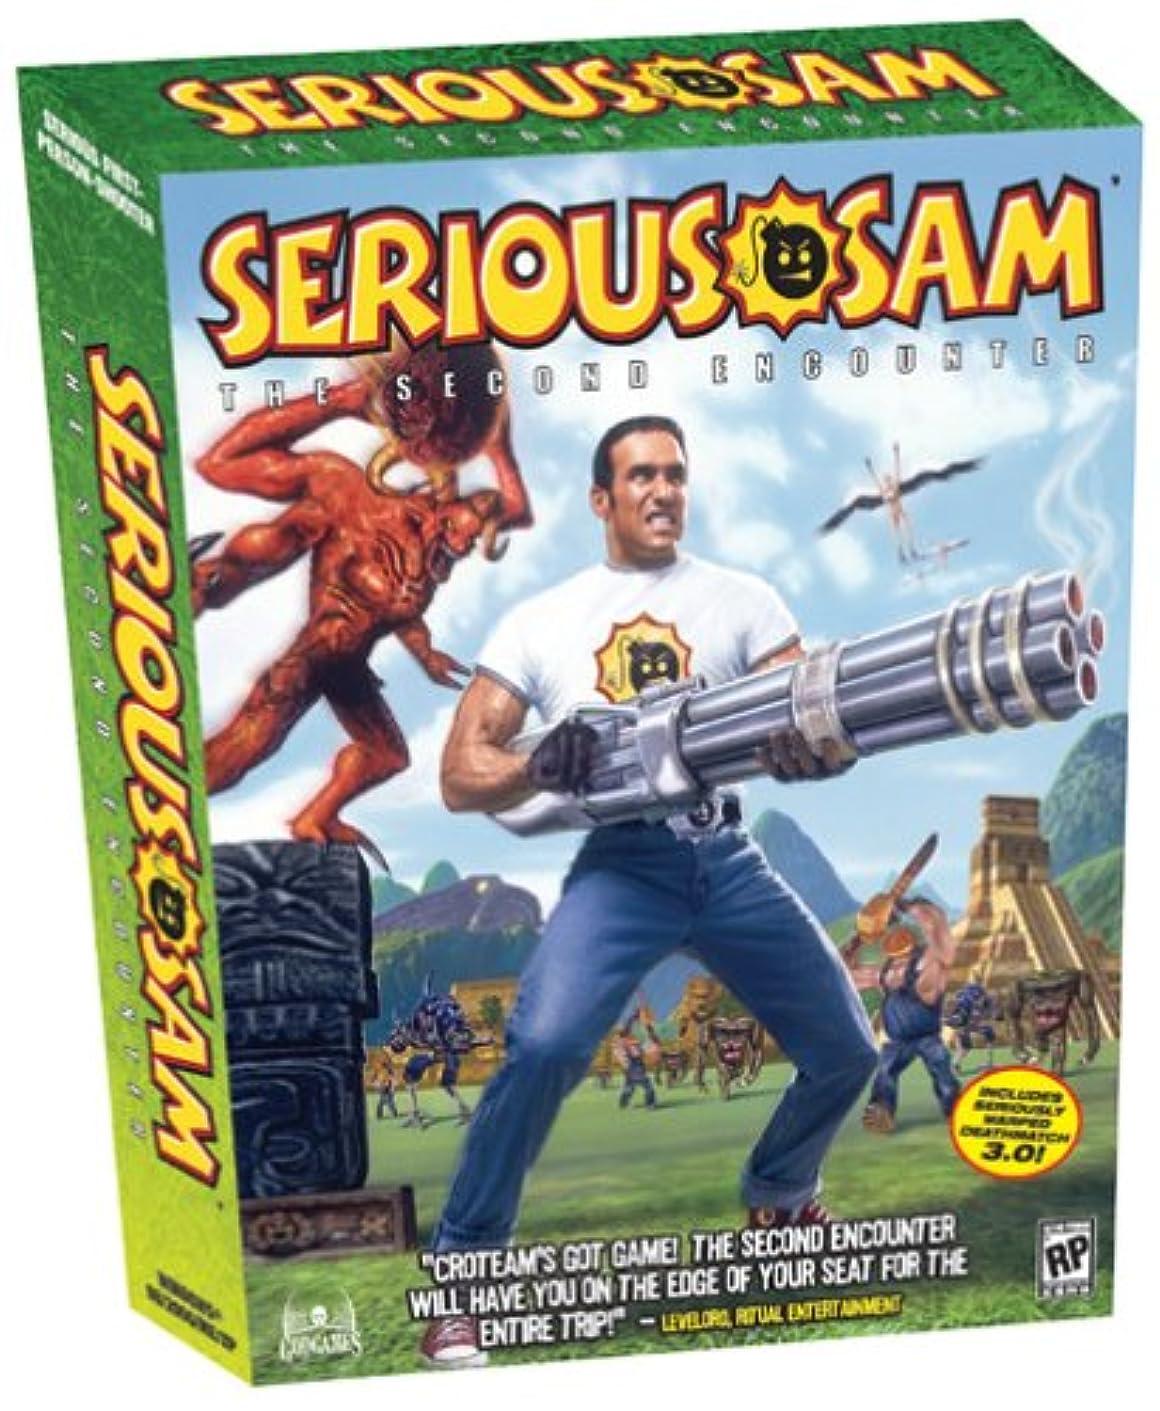 リスクトラック派生するSerious Sam: Second Encounter (輸入版)